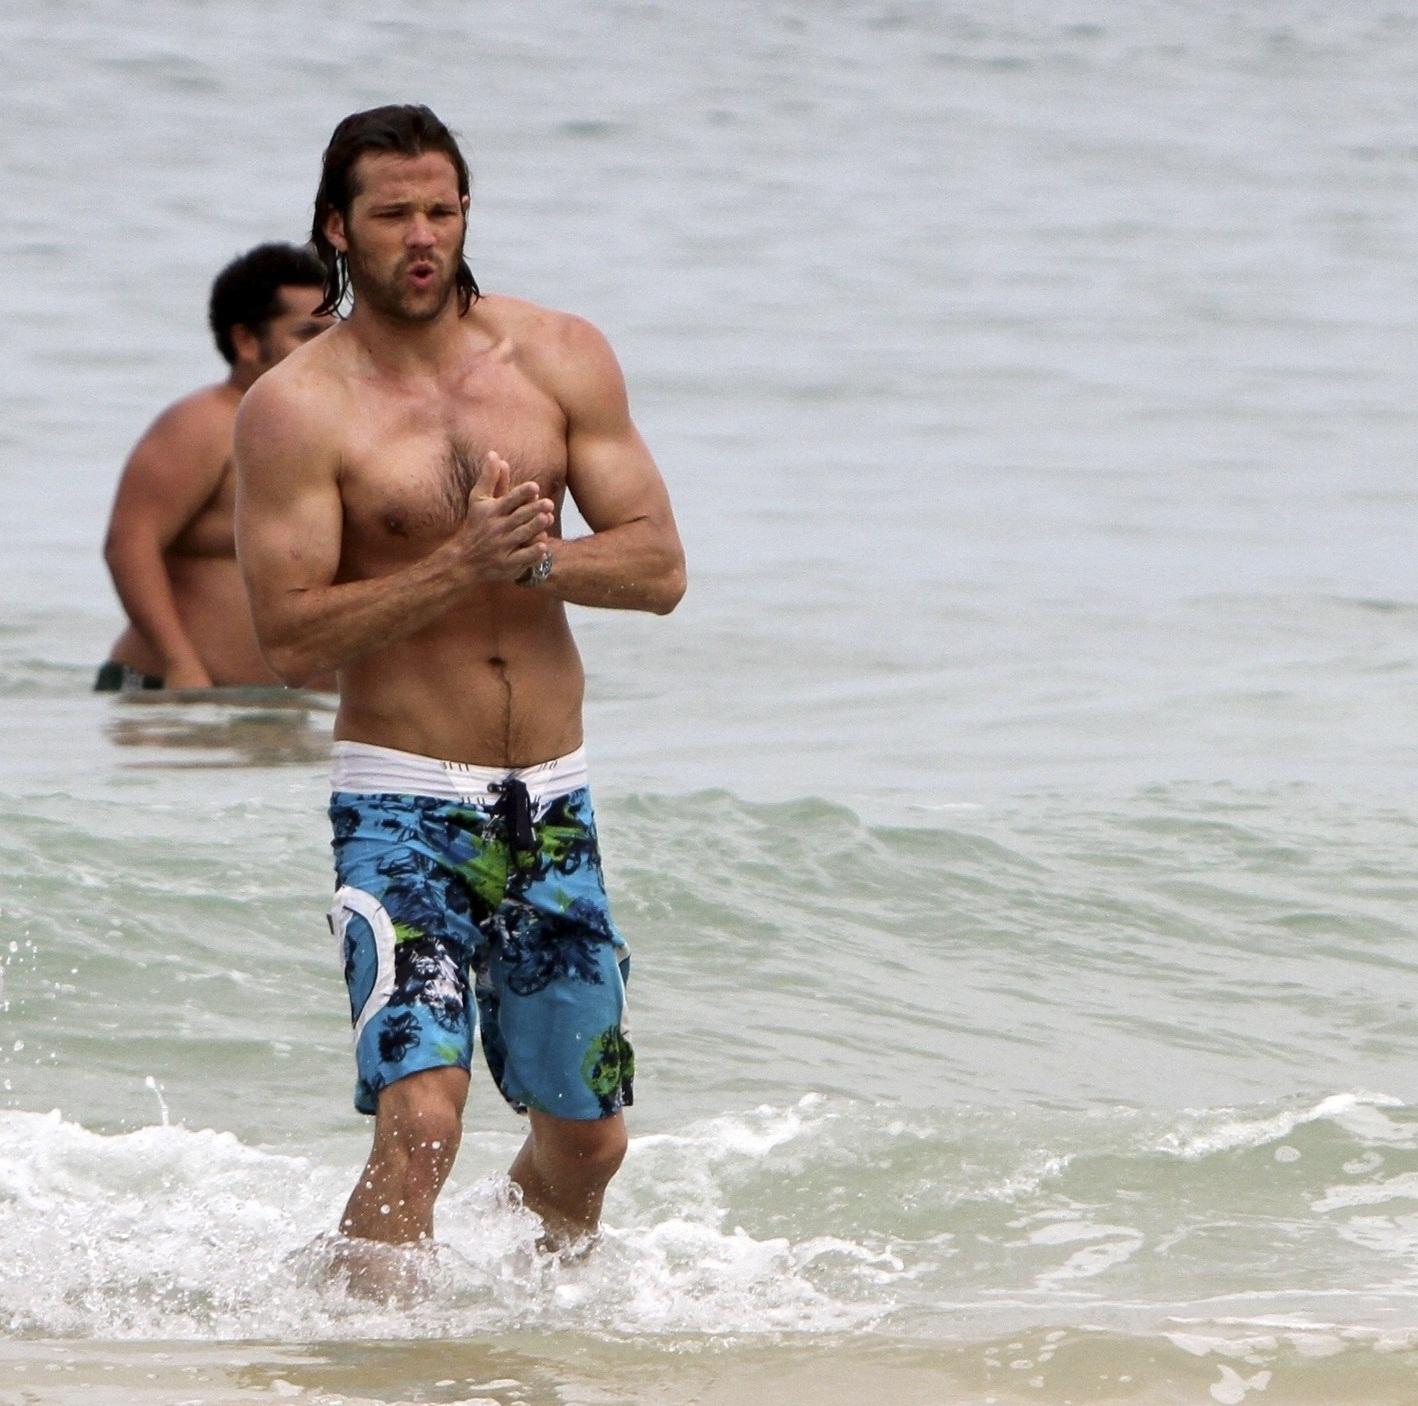 Дженсен эклз на пляже фото